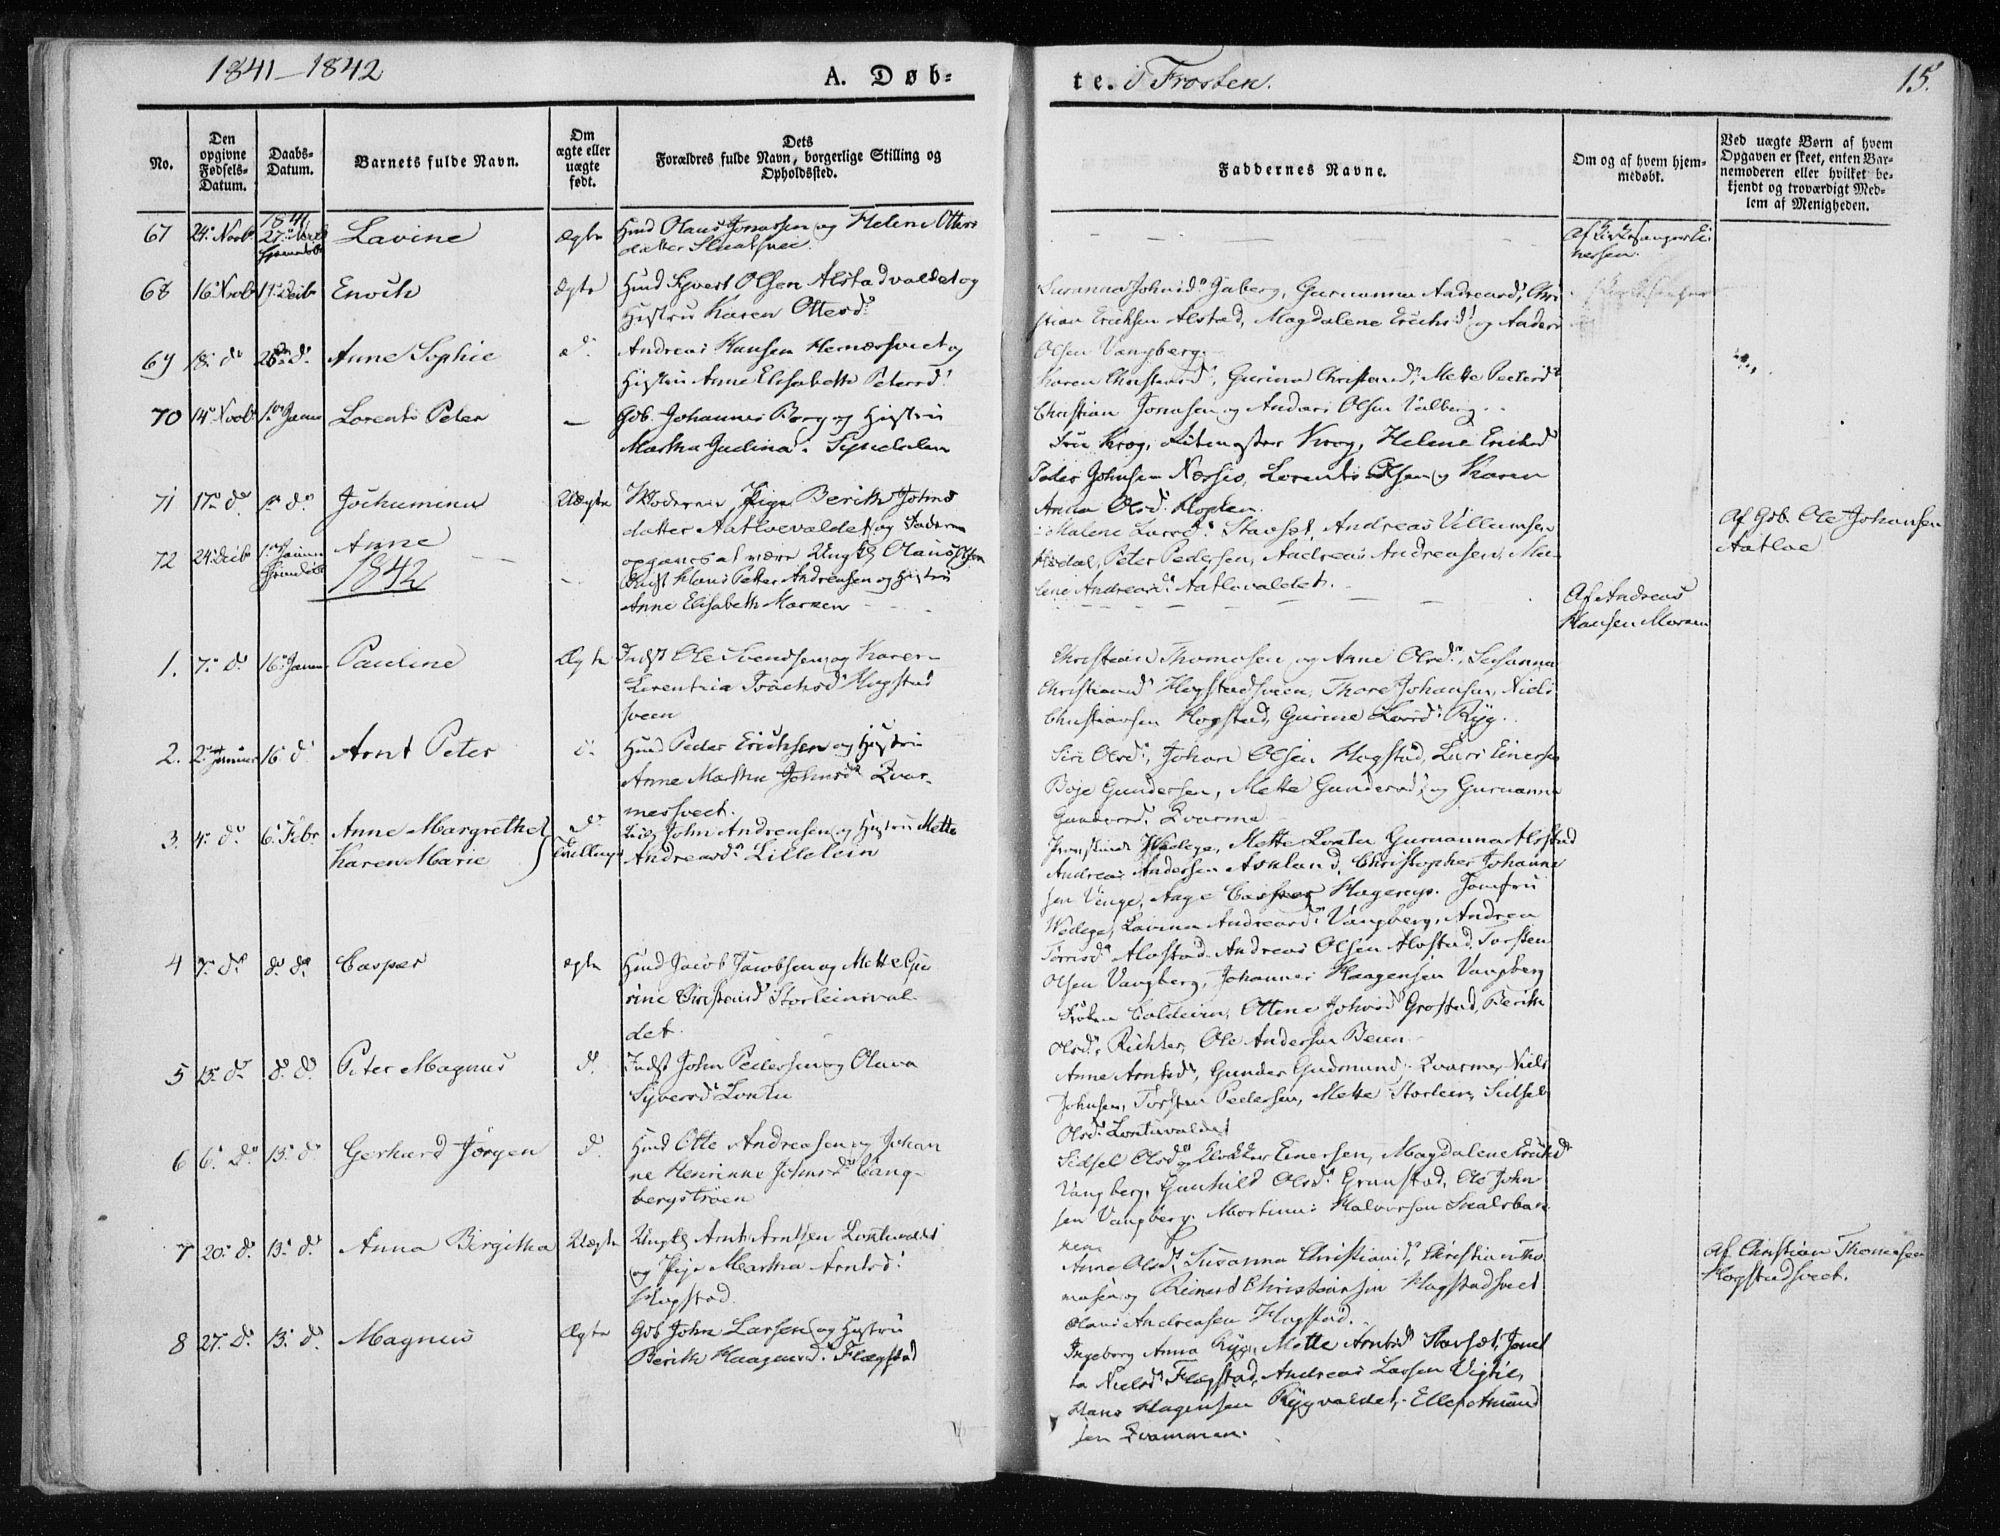 SAT, Ministerialprotokoller, klokkerbøker og fødselsregistre - Nord-Trøndelag, 713/L0115: Ministerialbok nr. 713A06, 1838-1851, s. 15